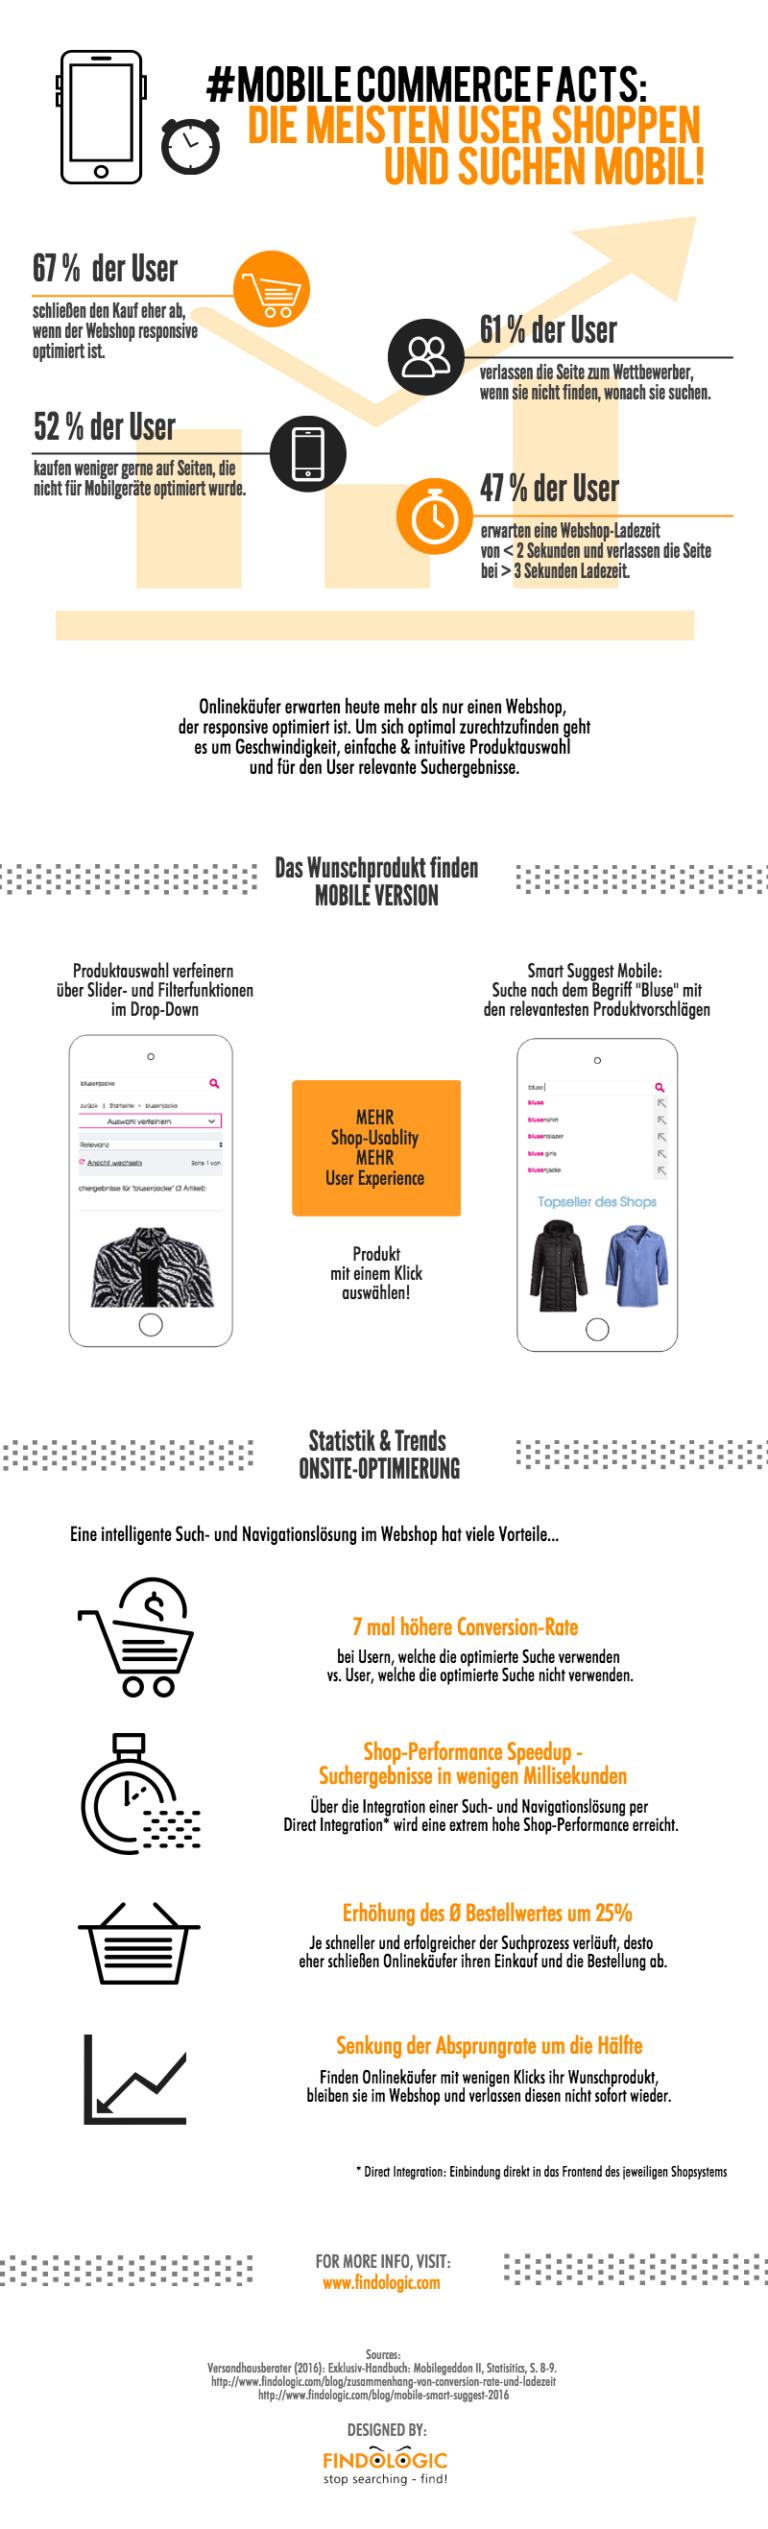 Responsive design im zeitalter des onlinehandels for E commerce mobili